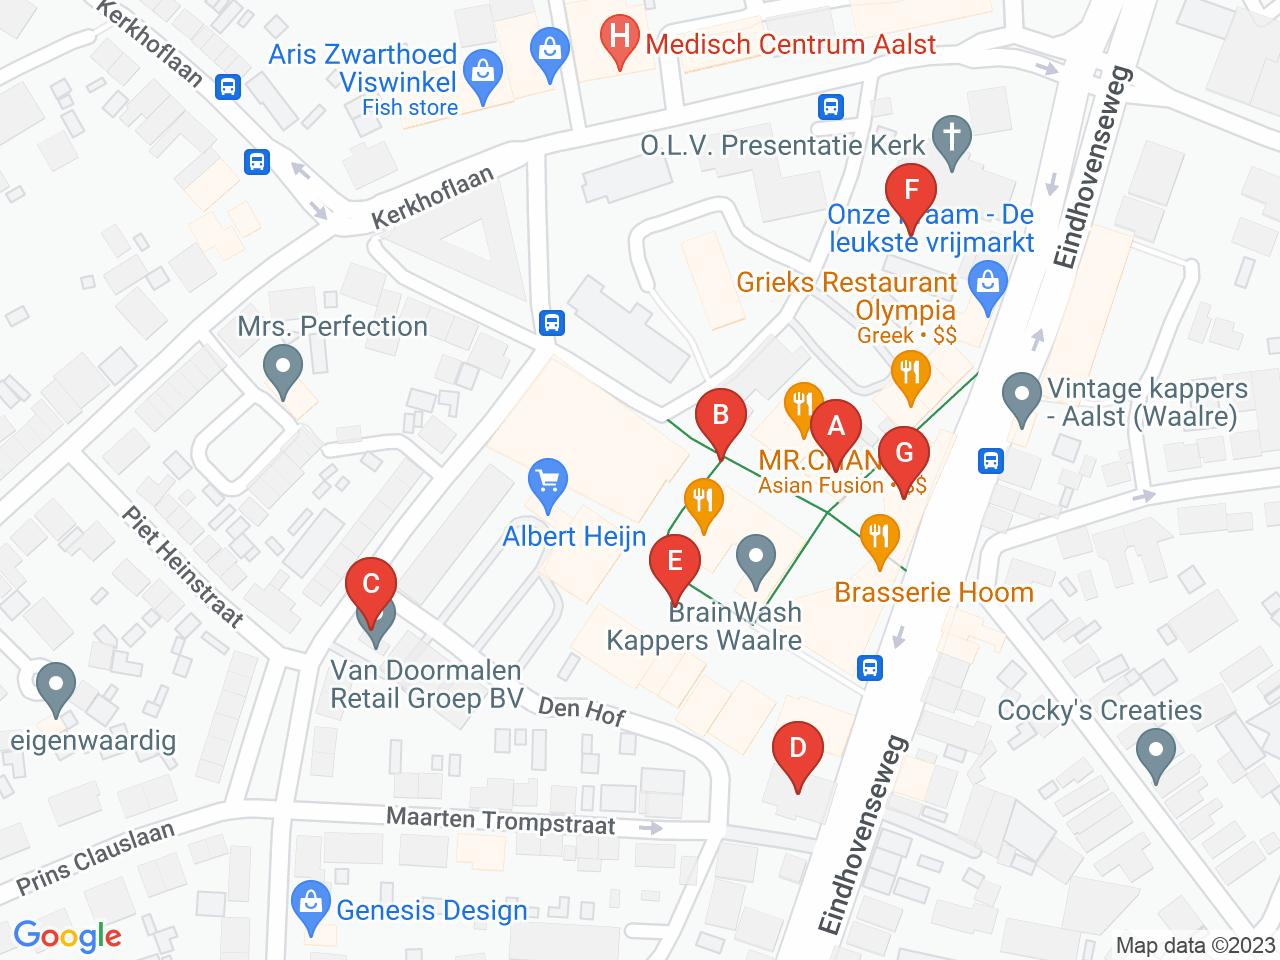 De adressen op een kaart getoond.